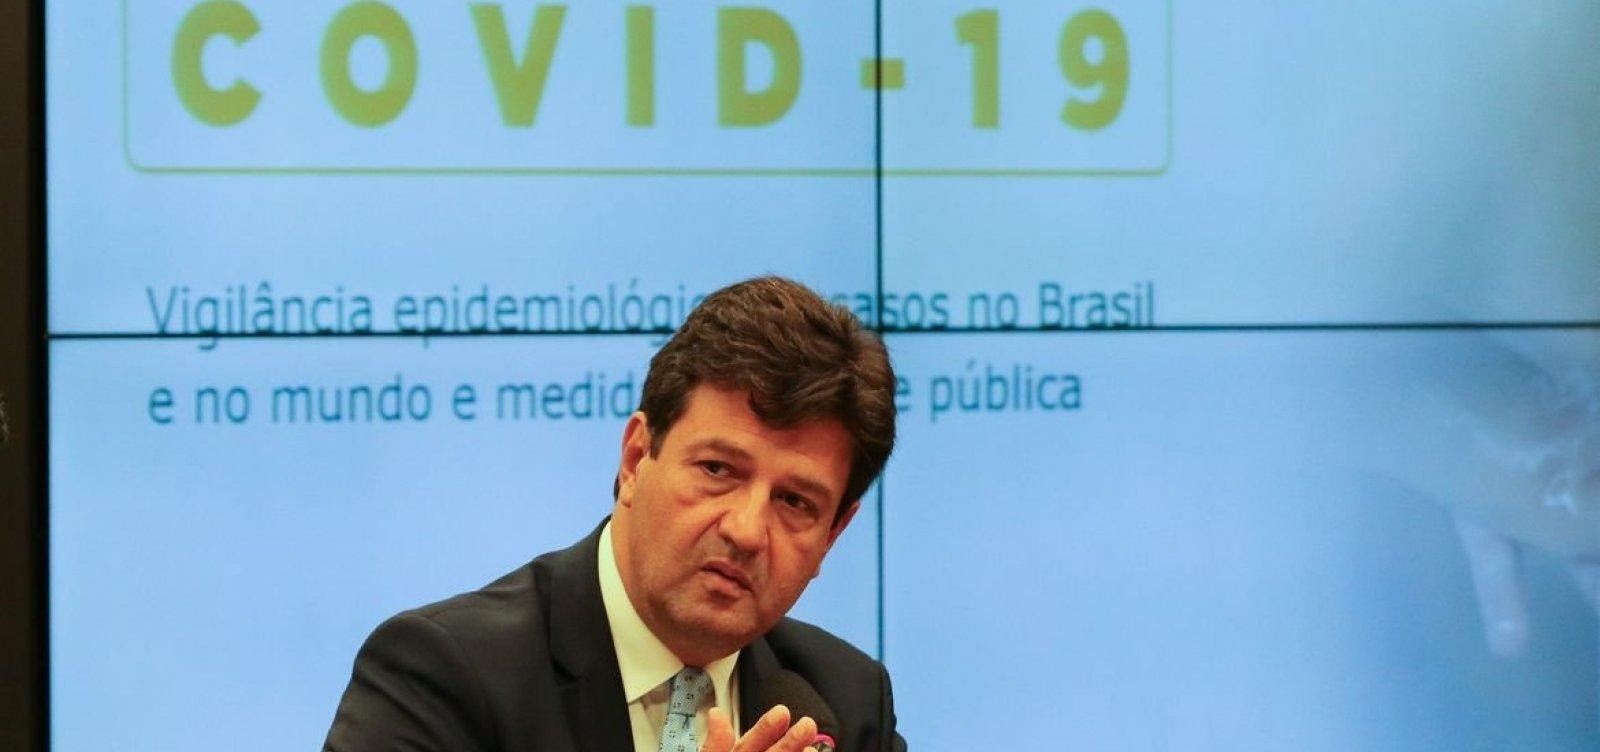 [Mandetta diz que surto de coronavírus no Brasil 'está apenas começando']